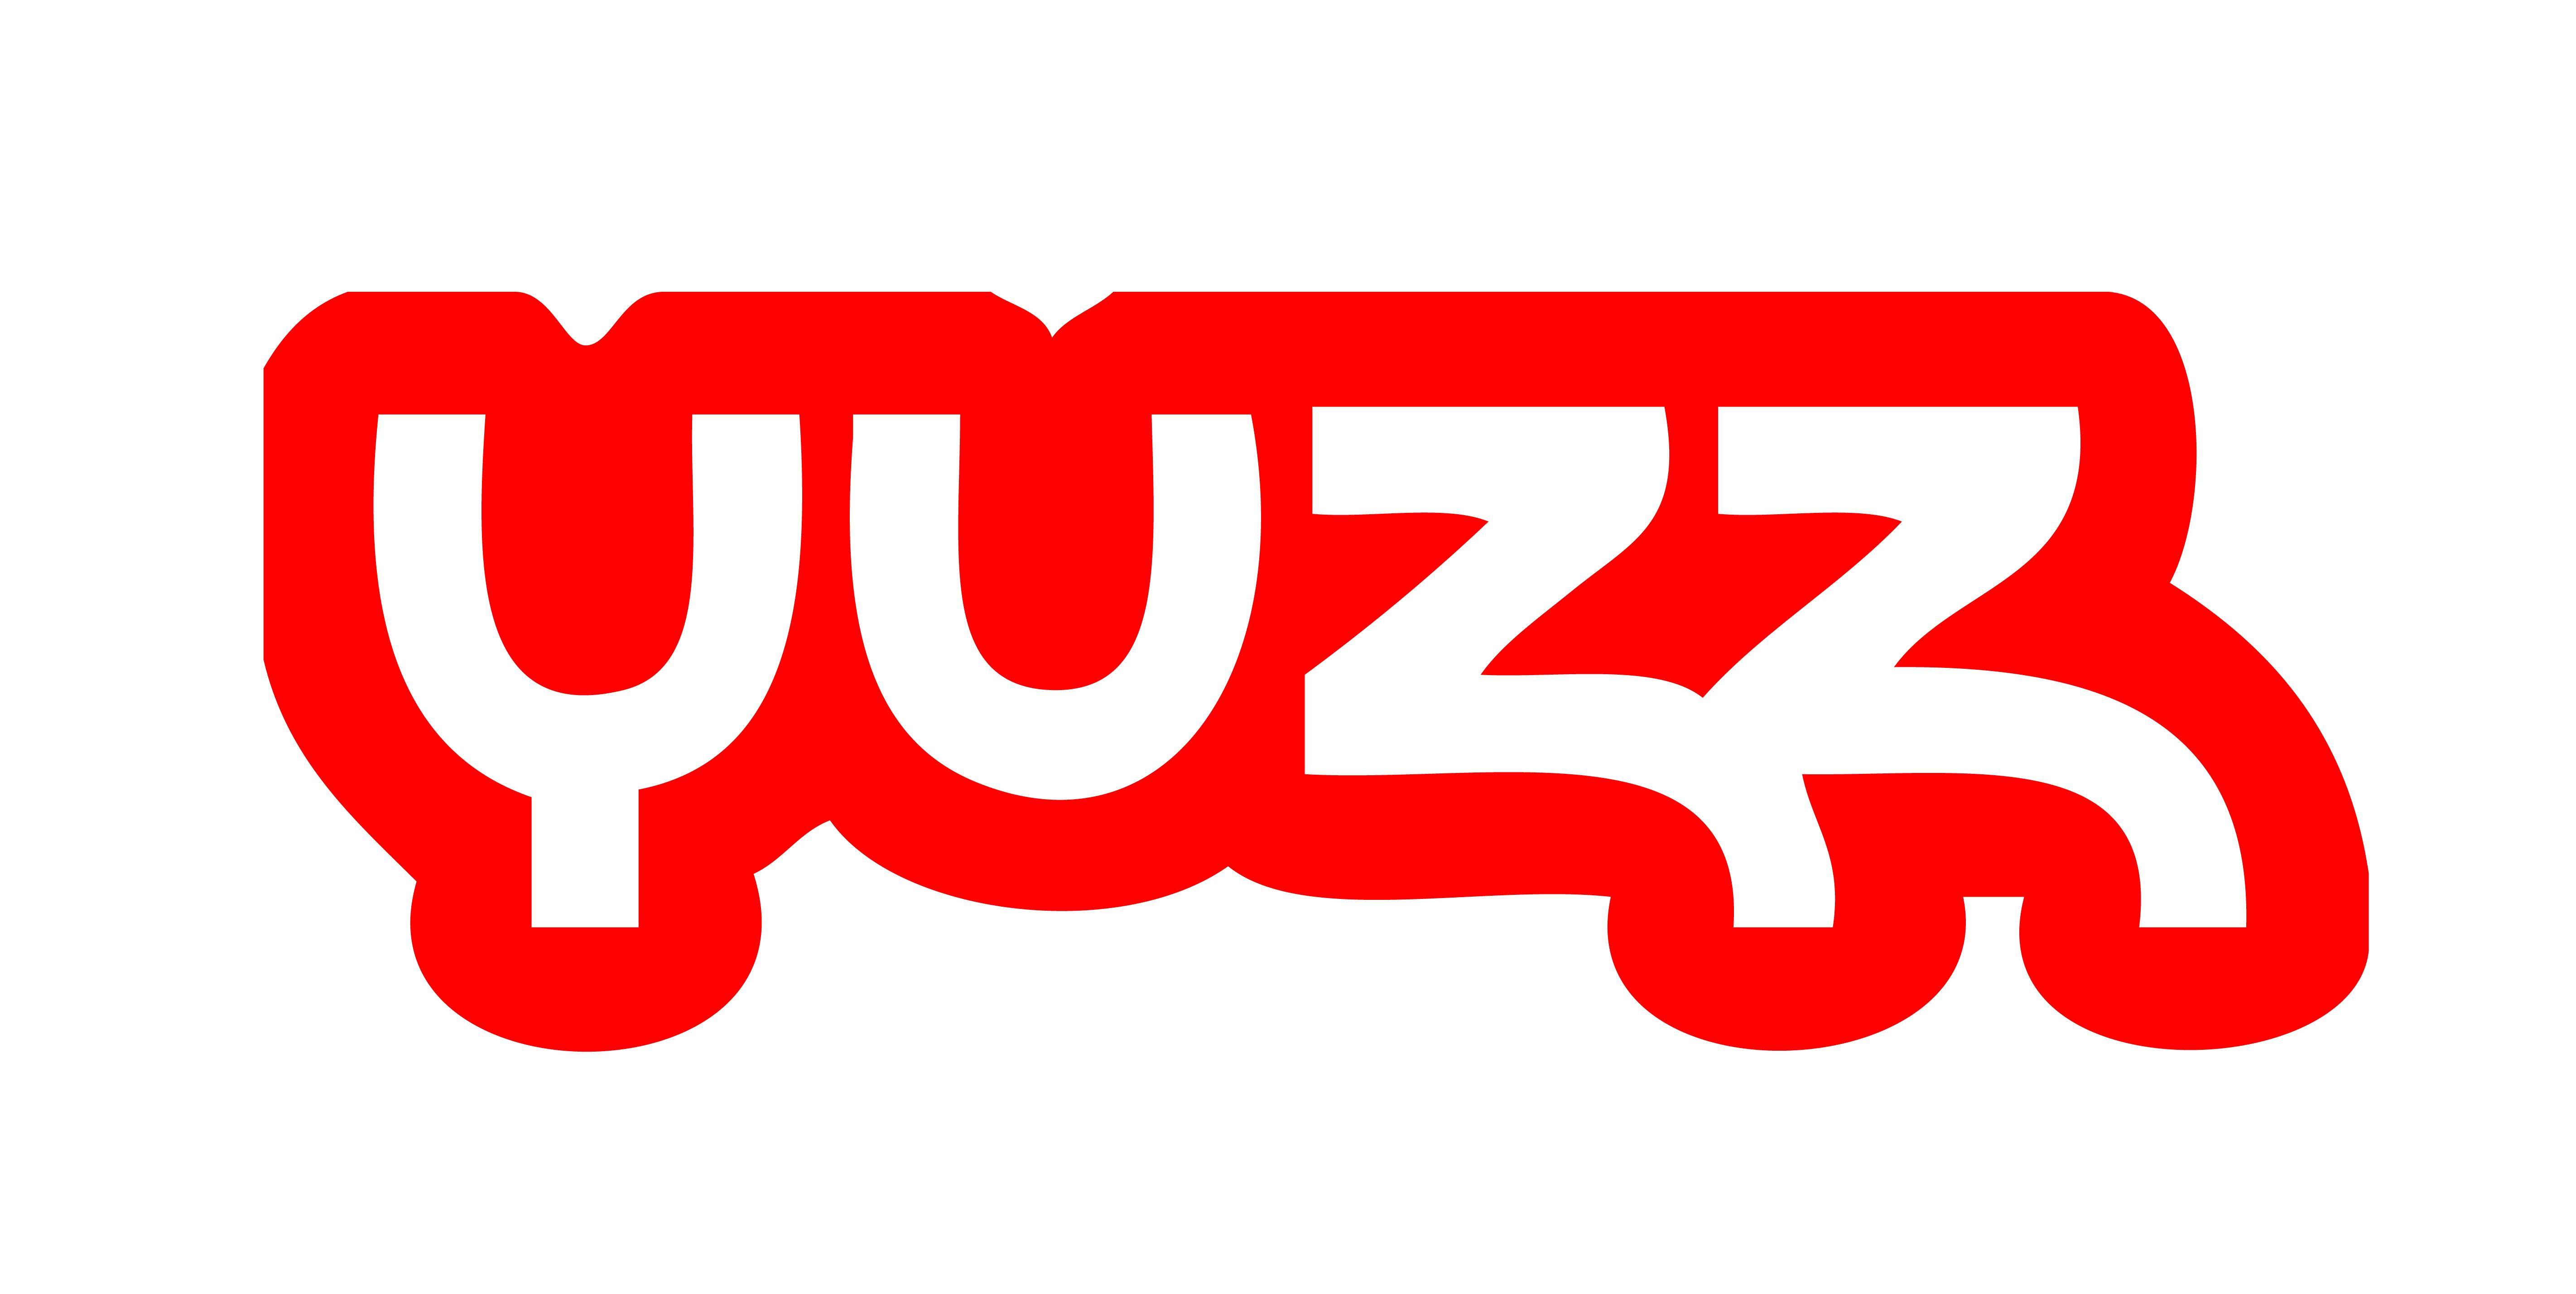 El programa Yuzz y Link by UMA se alían para rastrear el talento 'semilla'